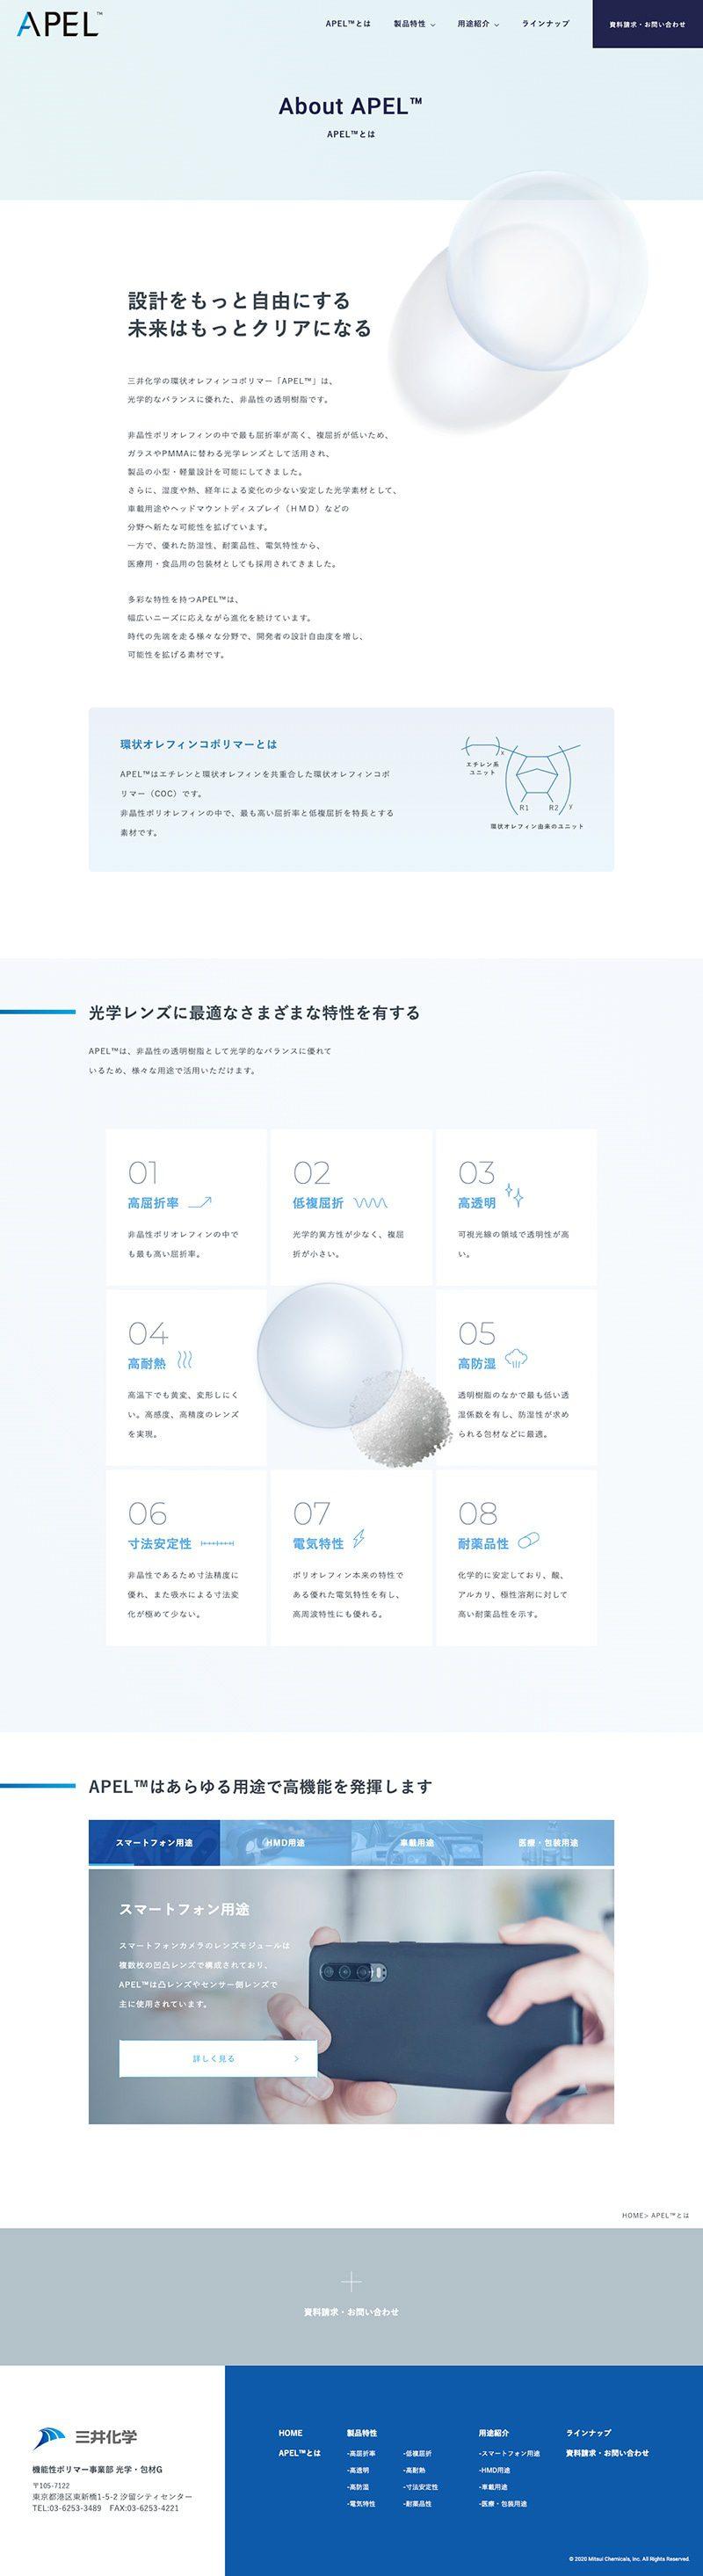 三井化学株式会社 機能性ポリマー事業部 様|製品特設サイト/製品スペック情報